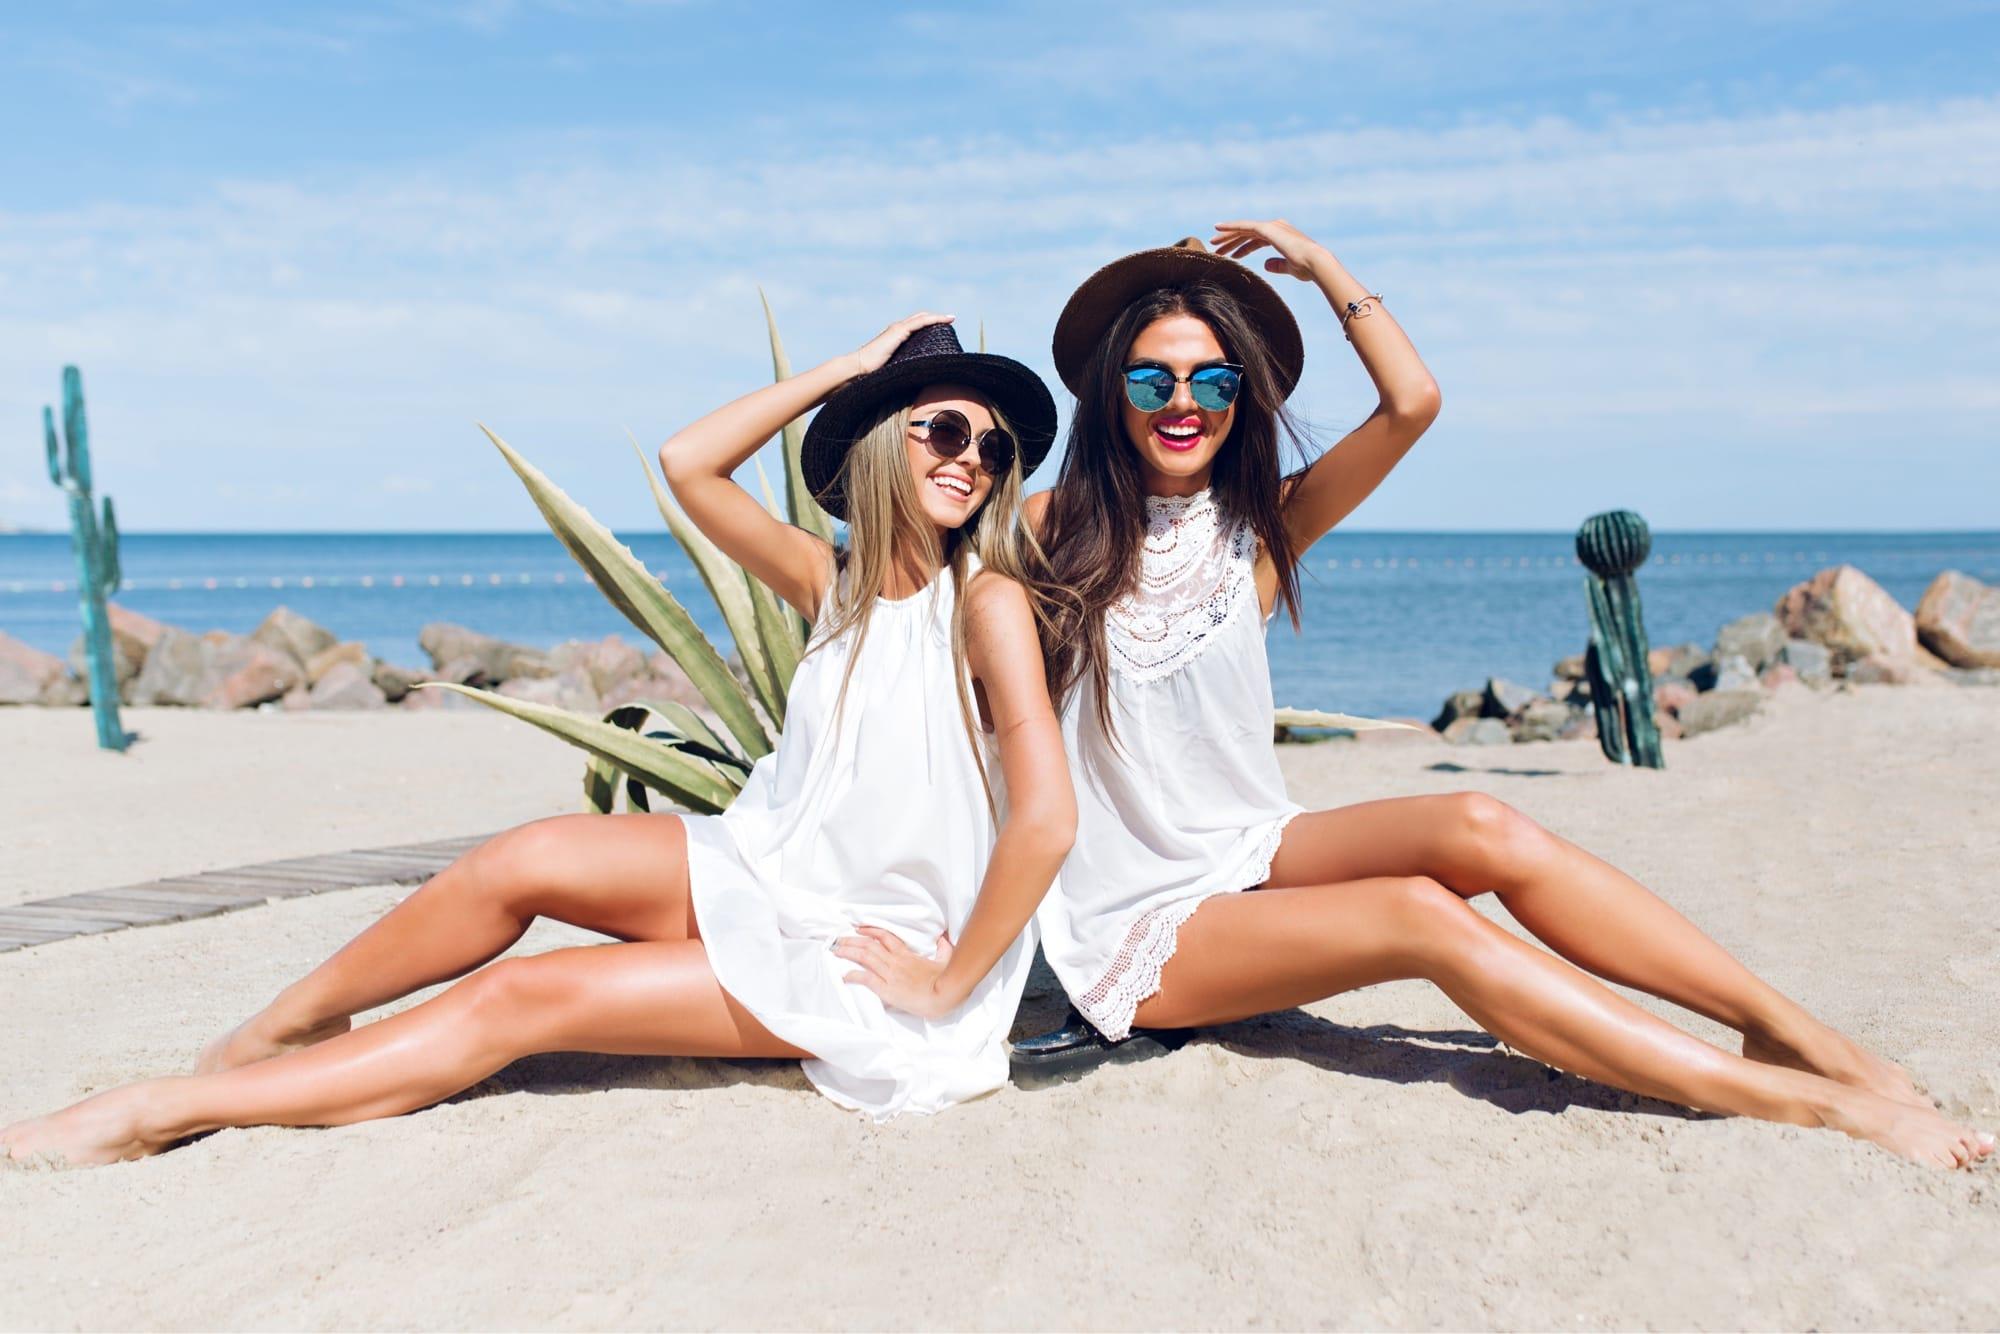 砂浜にいる2人の女性